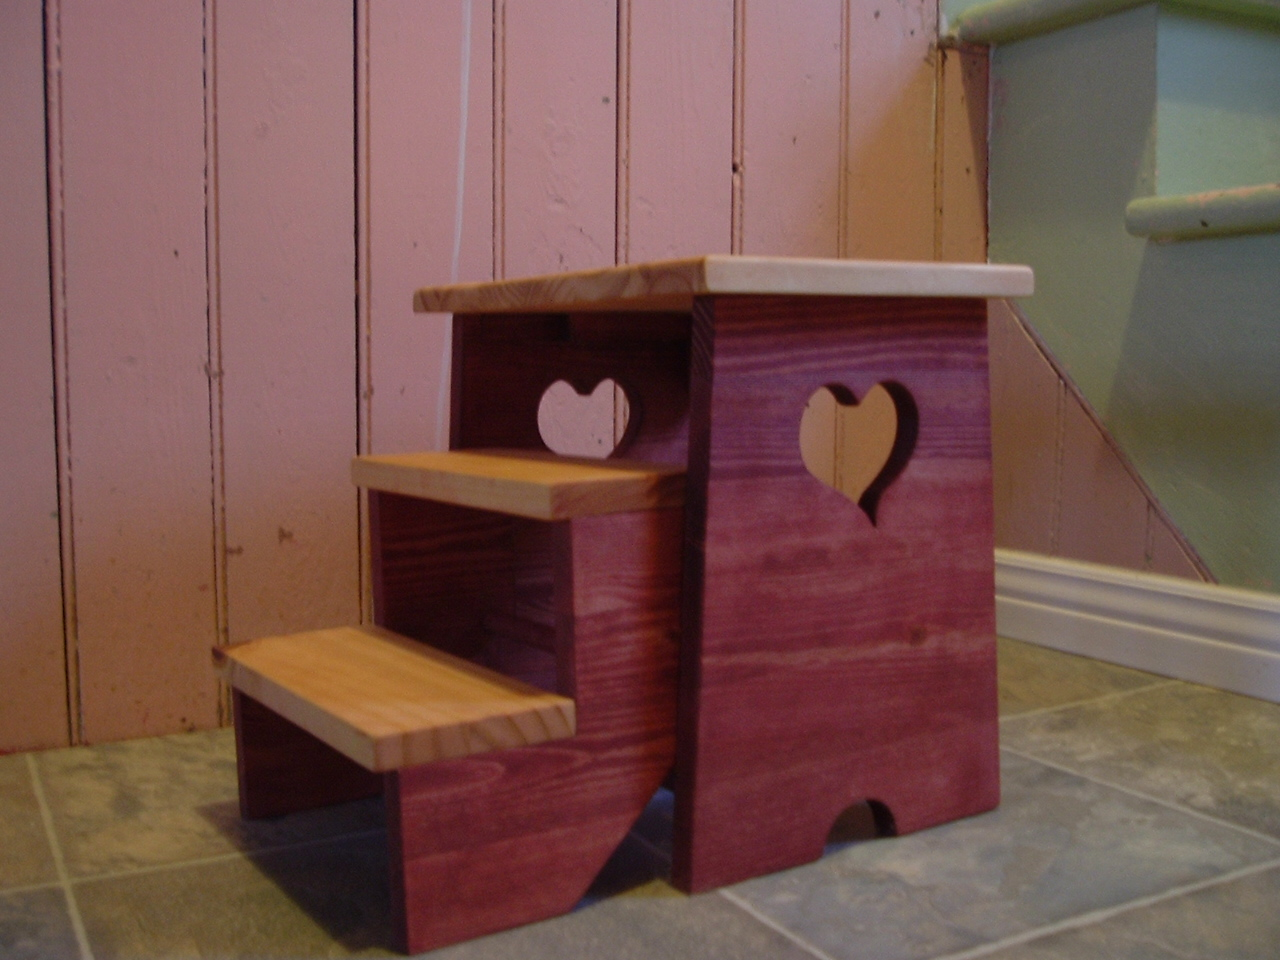 Un meuble qu b cois un banc pour enfant for Meuble quebecois